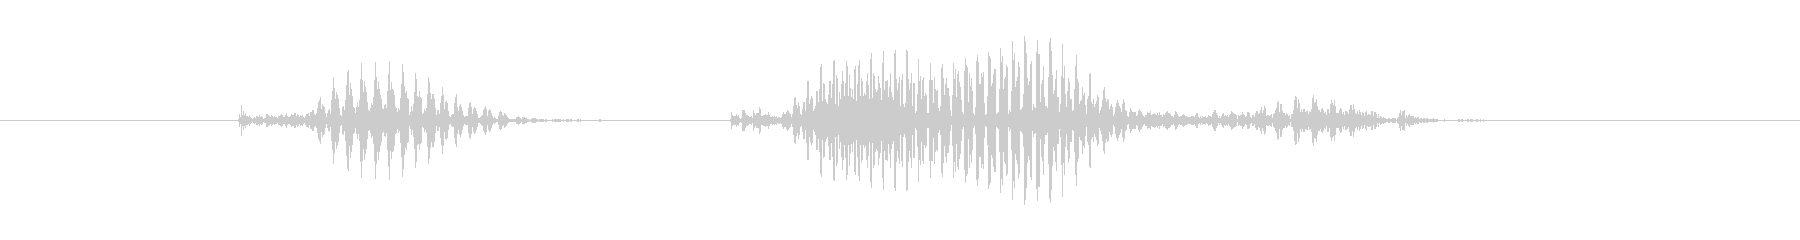 キックオフの未再生の波形